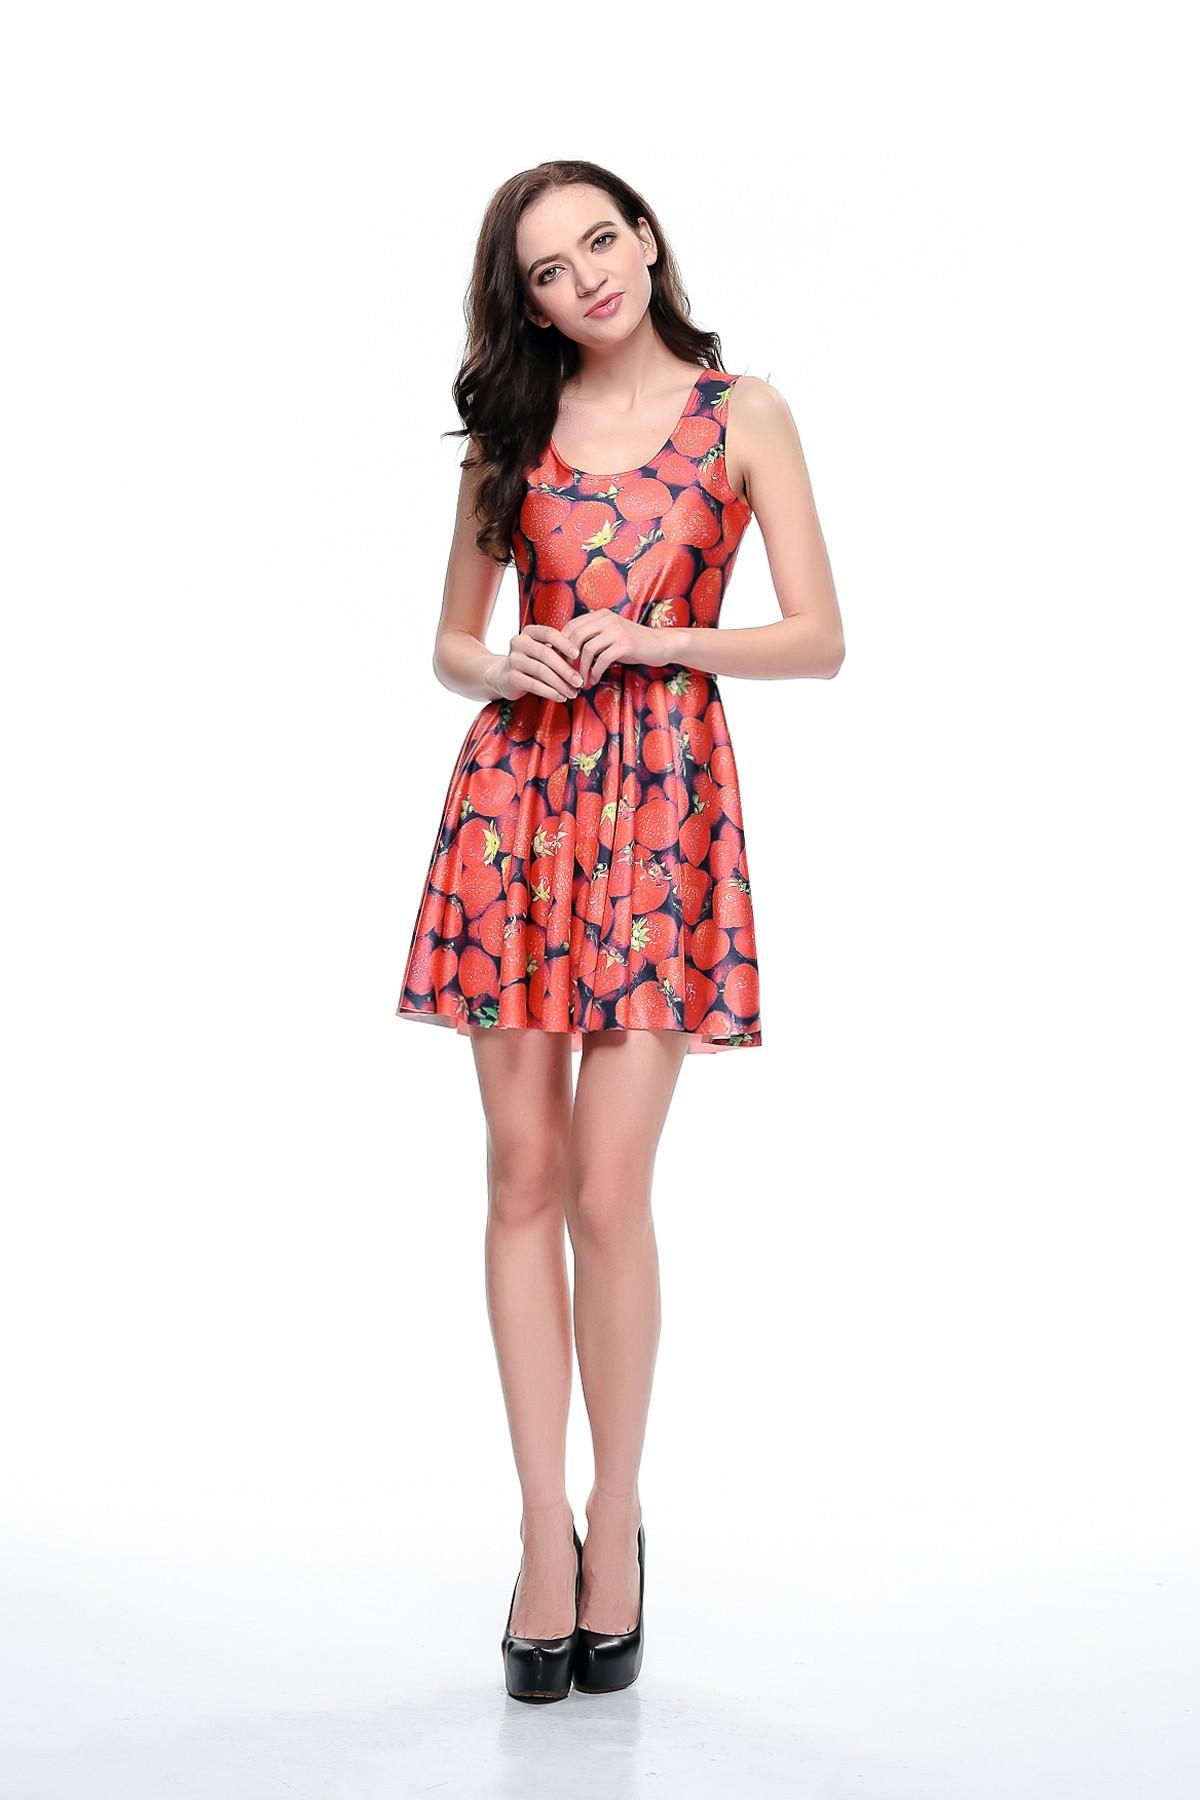 Strawberry Print Mini Pleated Dress